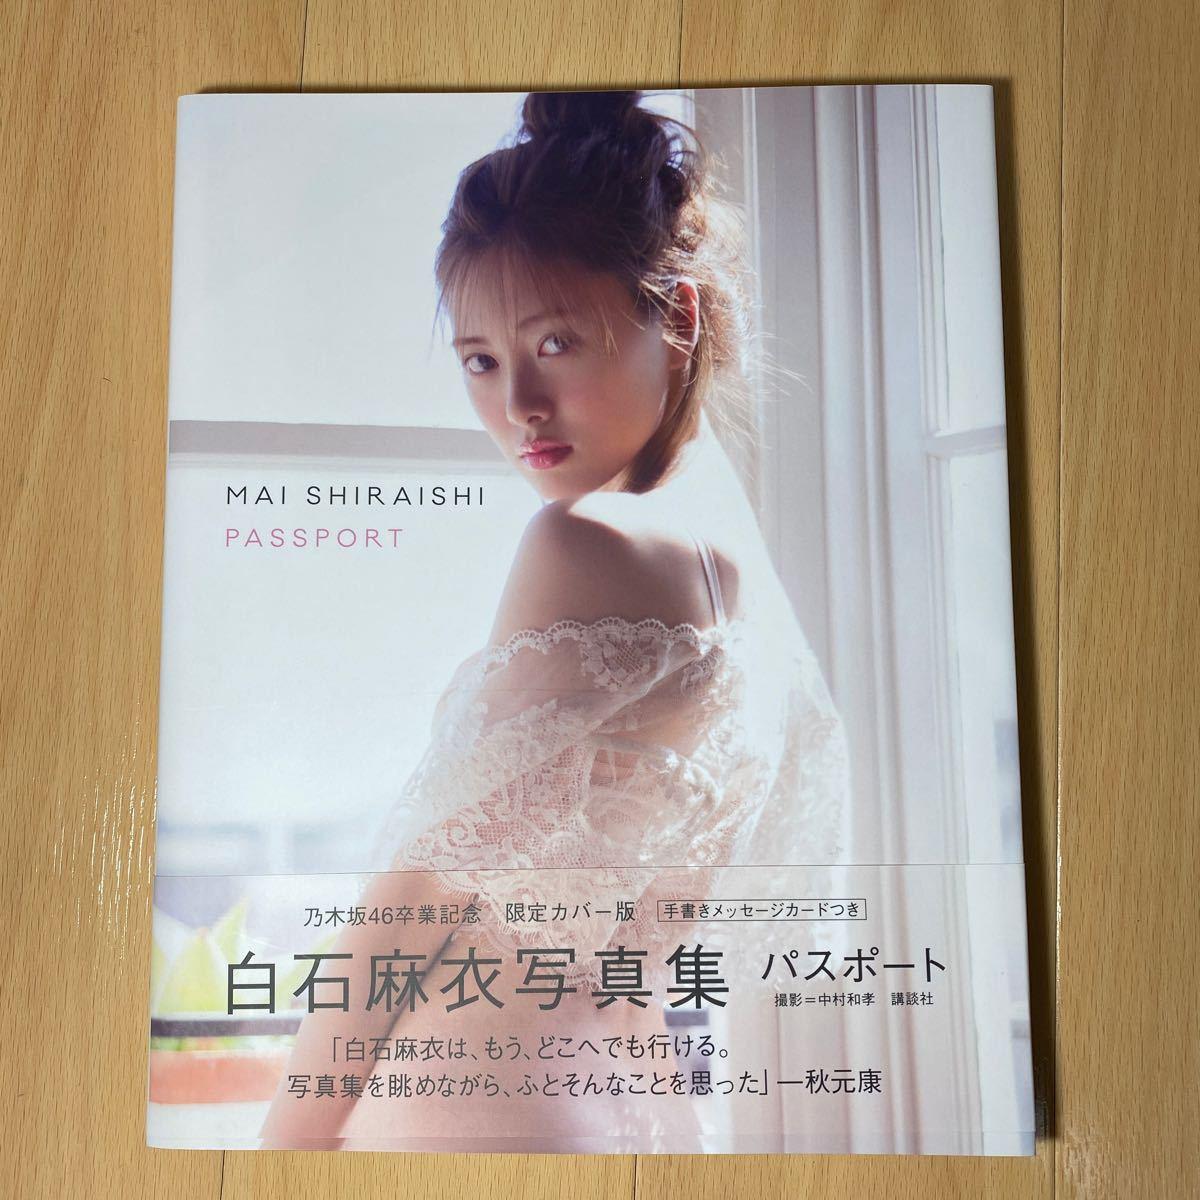 乃木坂46卒業記念 限定カバー版 白石麻衣 写真集 ポストカード2枚 手書きメッセージカードつき _画像2